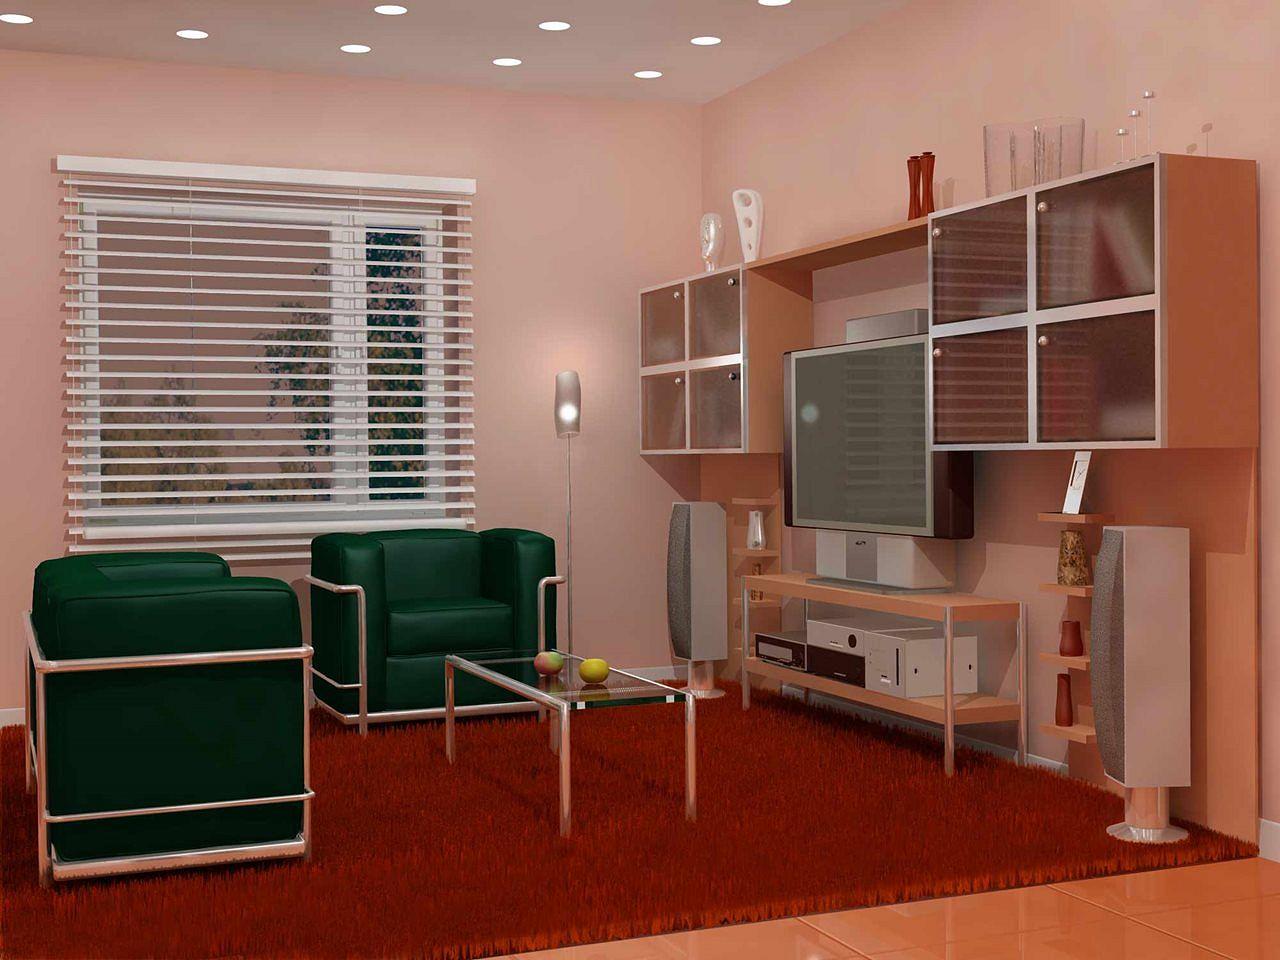 Kitsch Style Interior Design Ideas